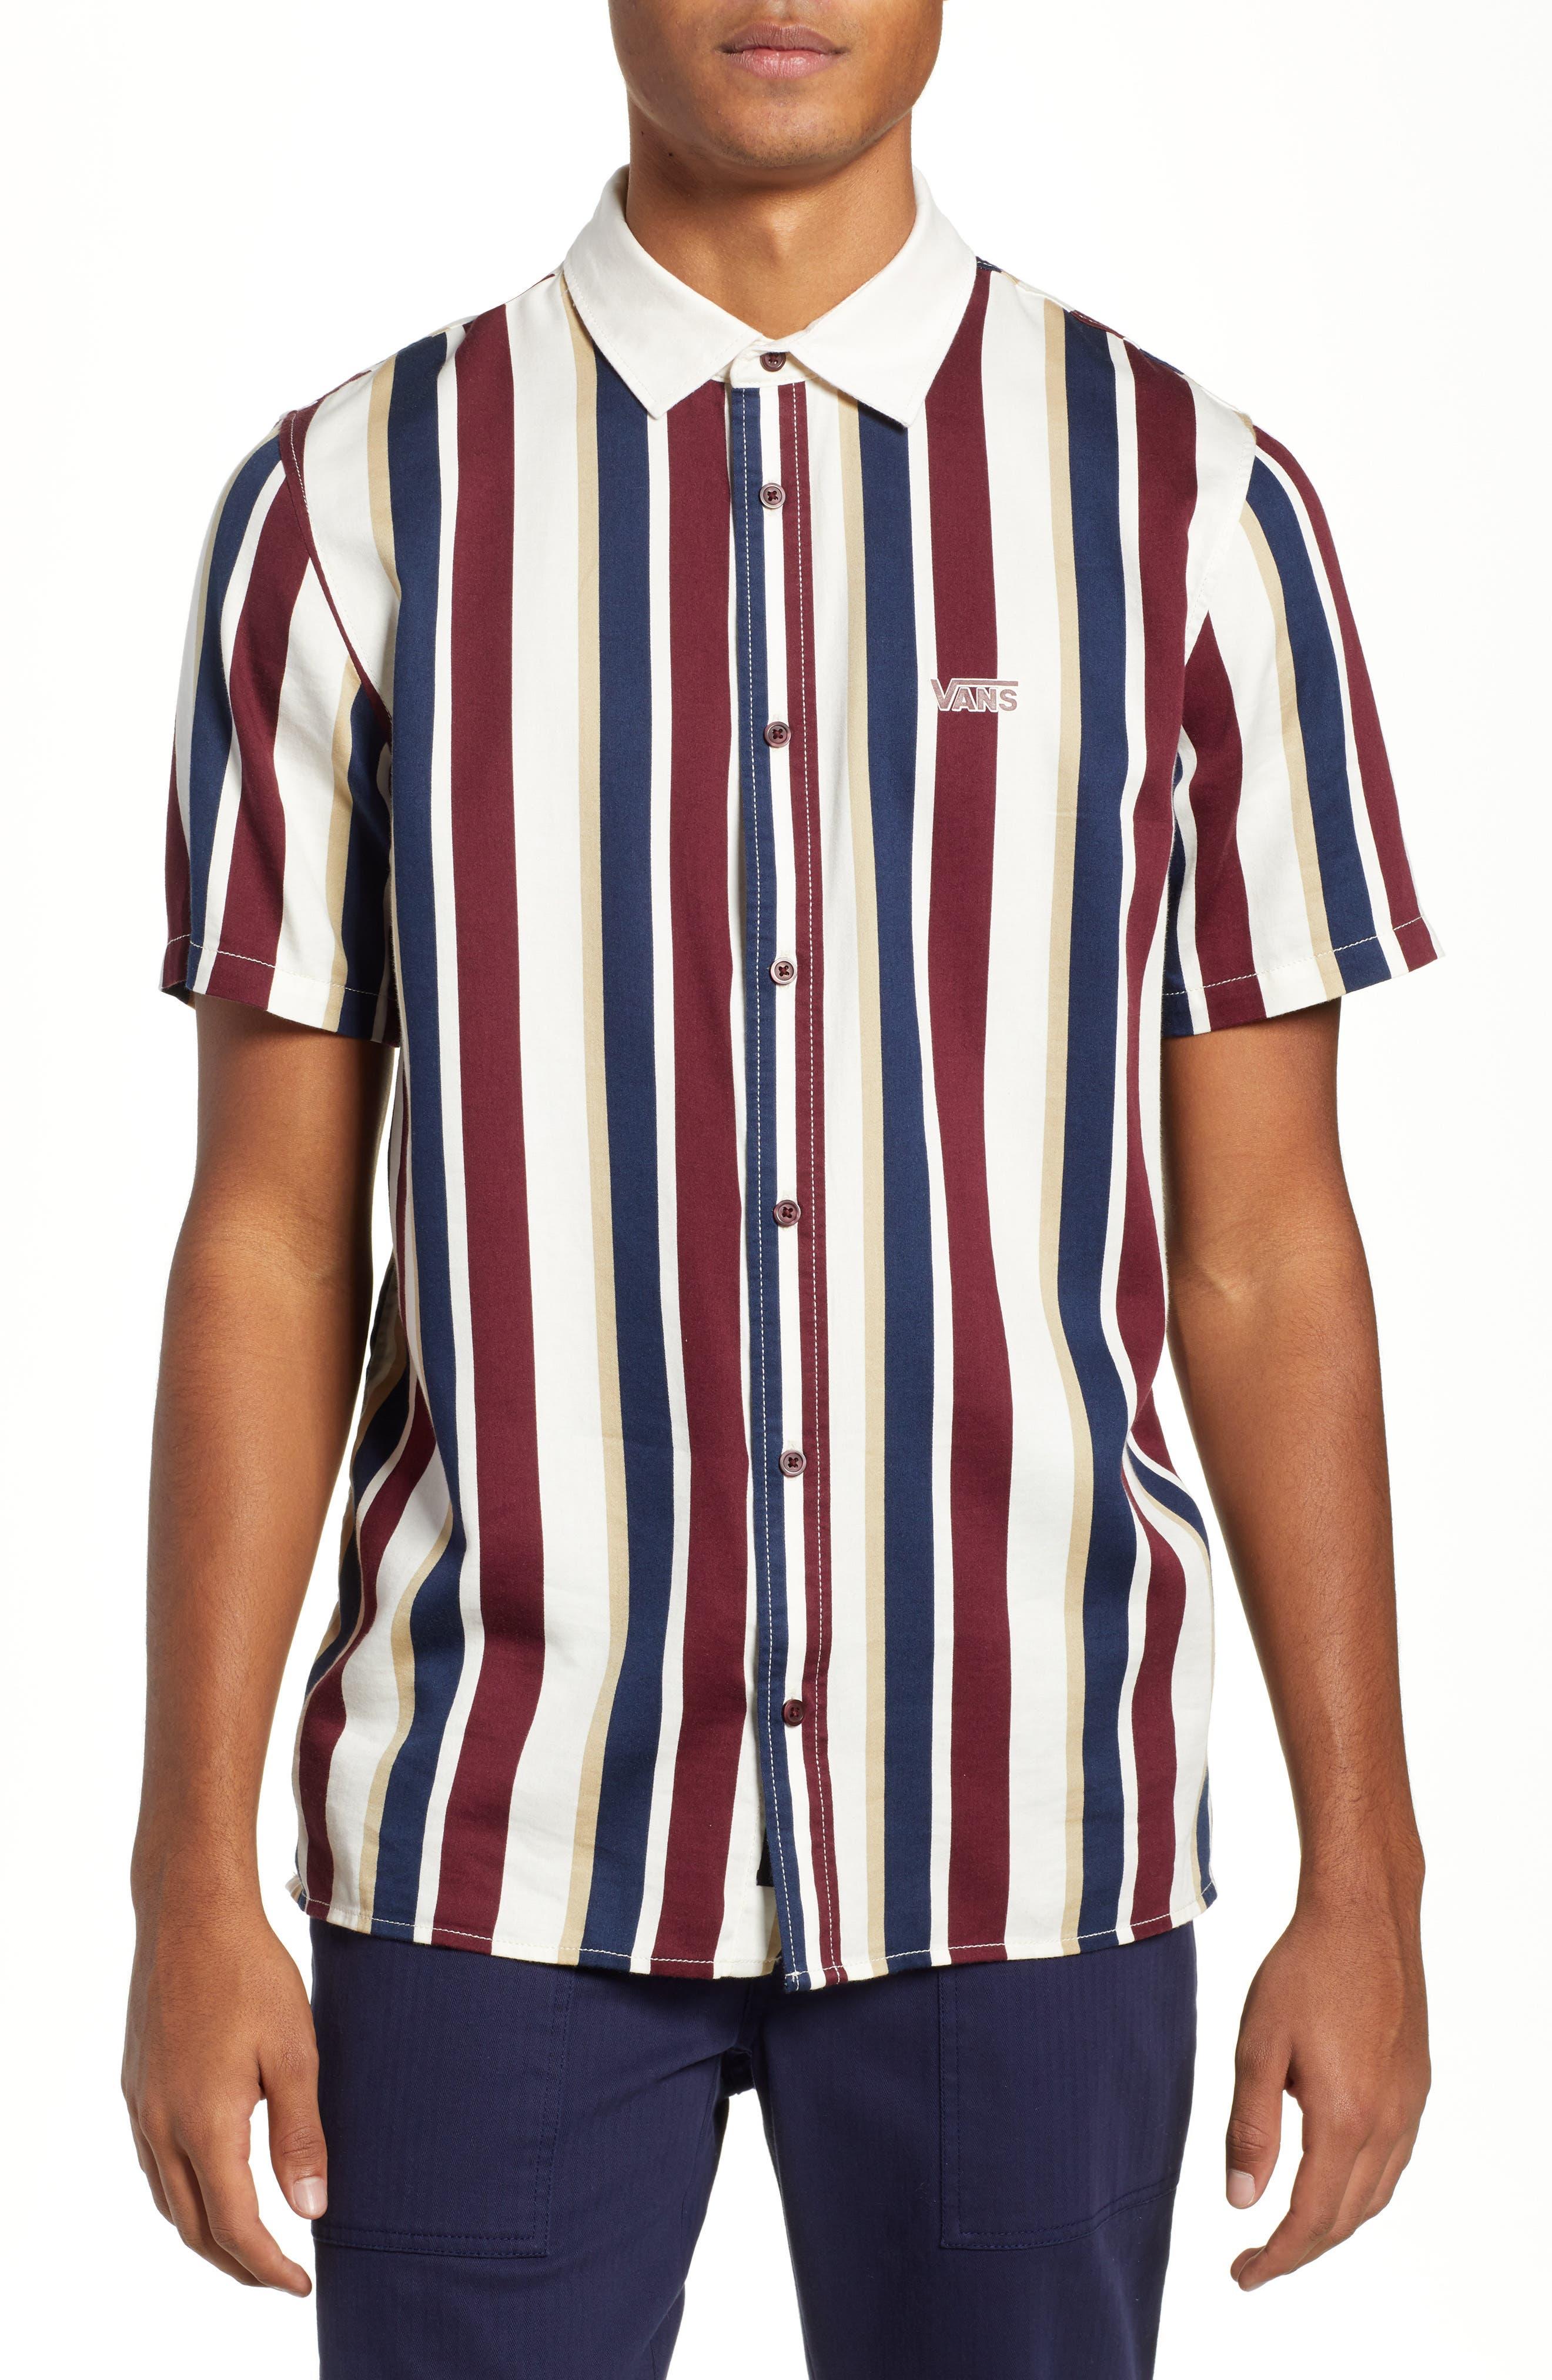 Big Bars Short Sleeve Shirt,                             Main thumbnail 1, color,                             OFF WHITE